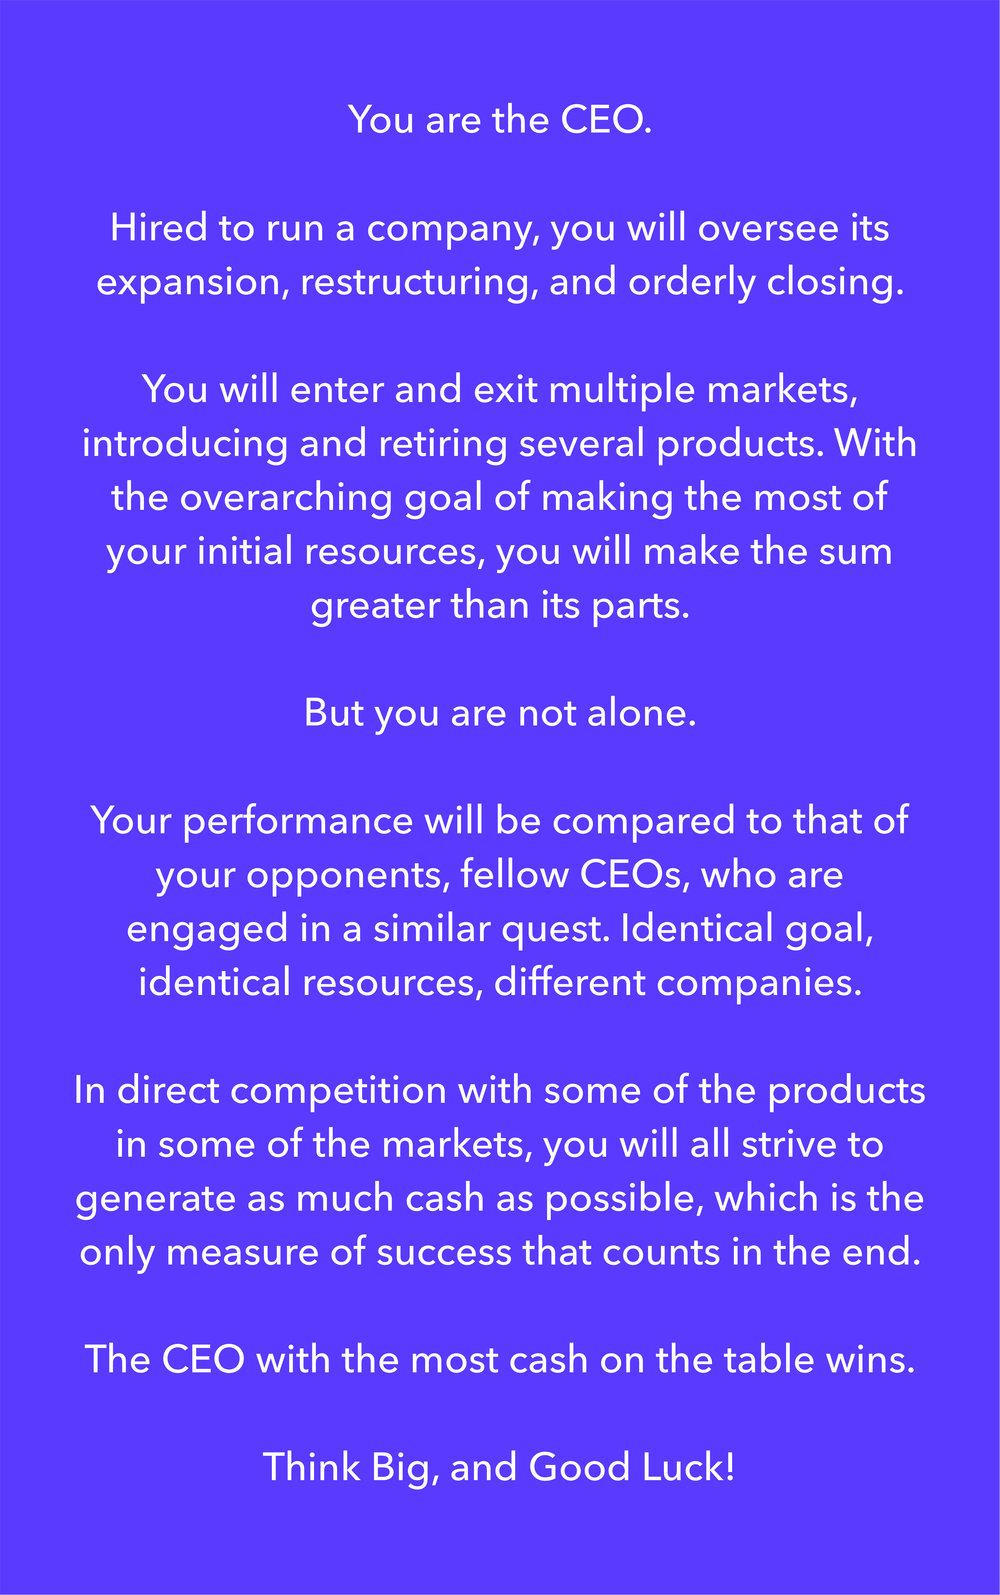 Ofmos-Kickstarter-Crawl-20180517-3.jpg